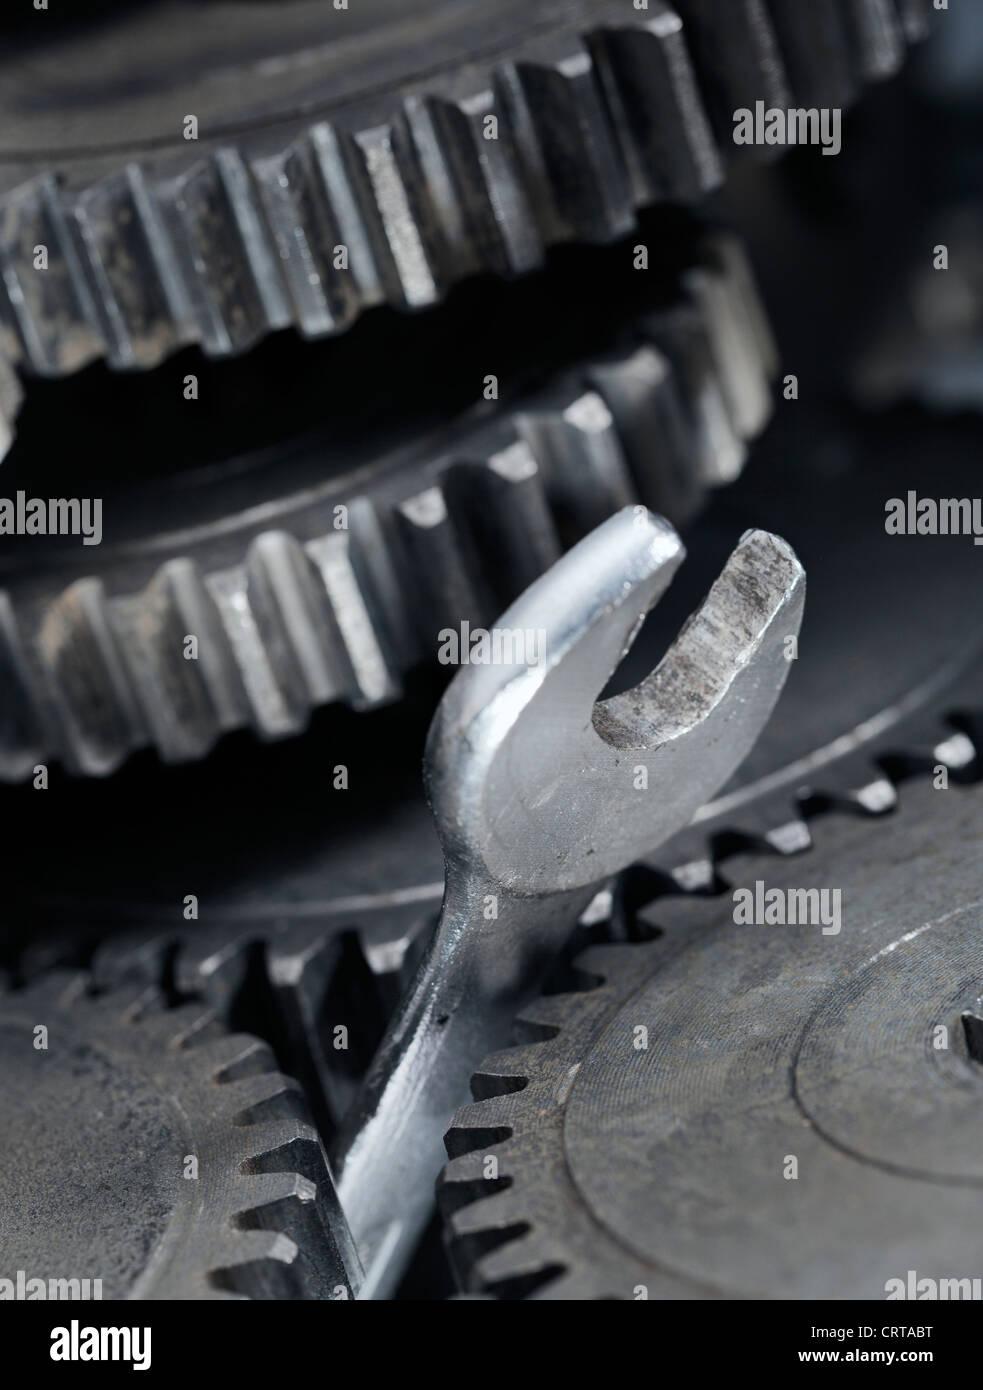 Una chiave è bloccato tra il dente di incastro di ruote dentate. Immagini Stock